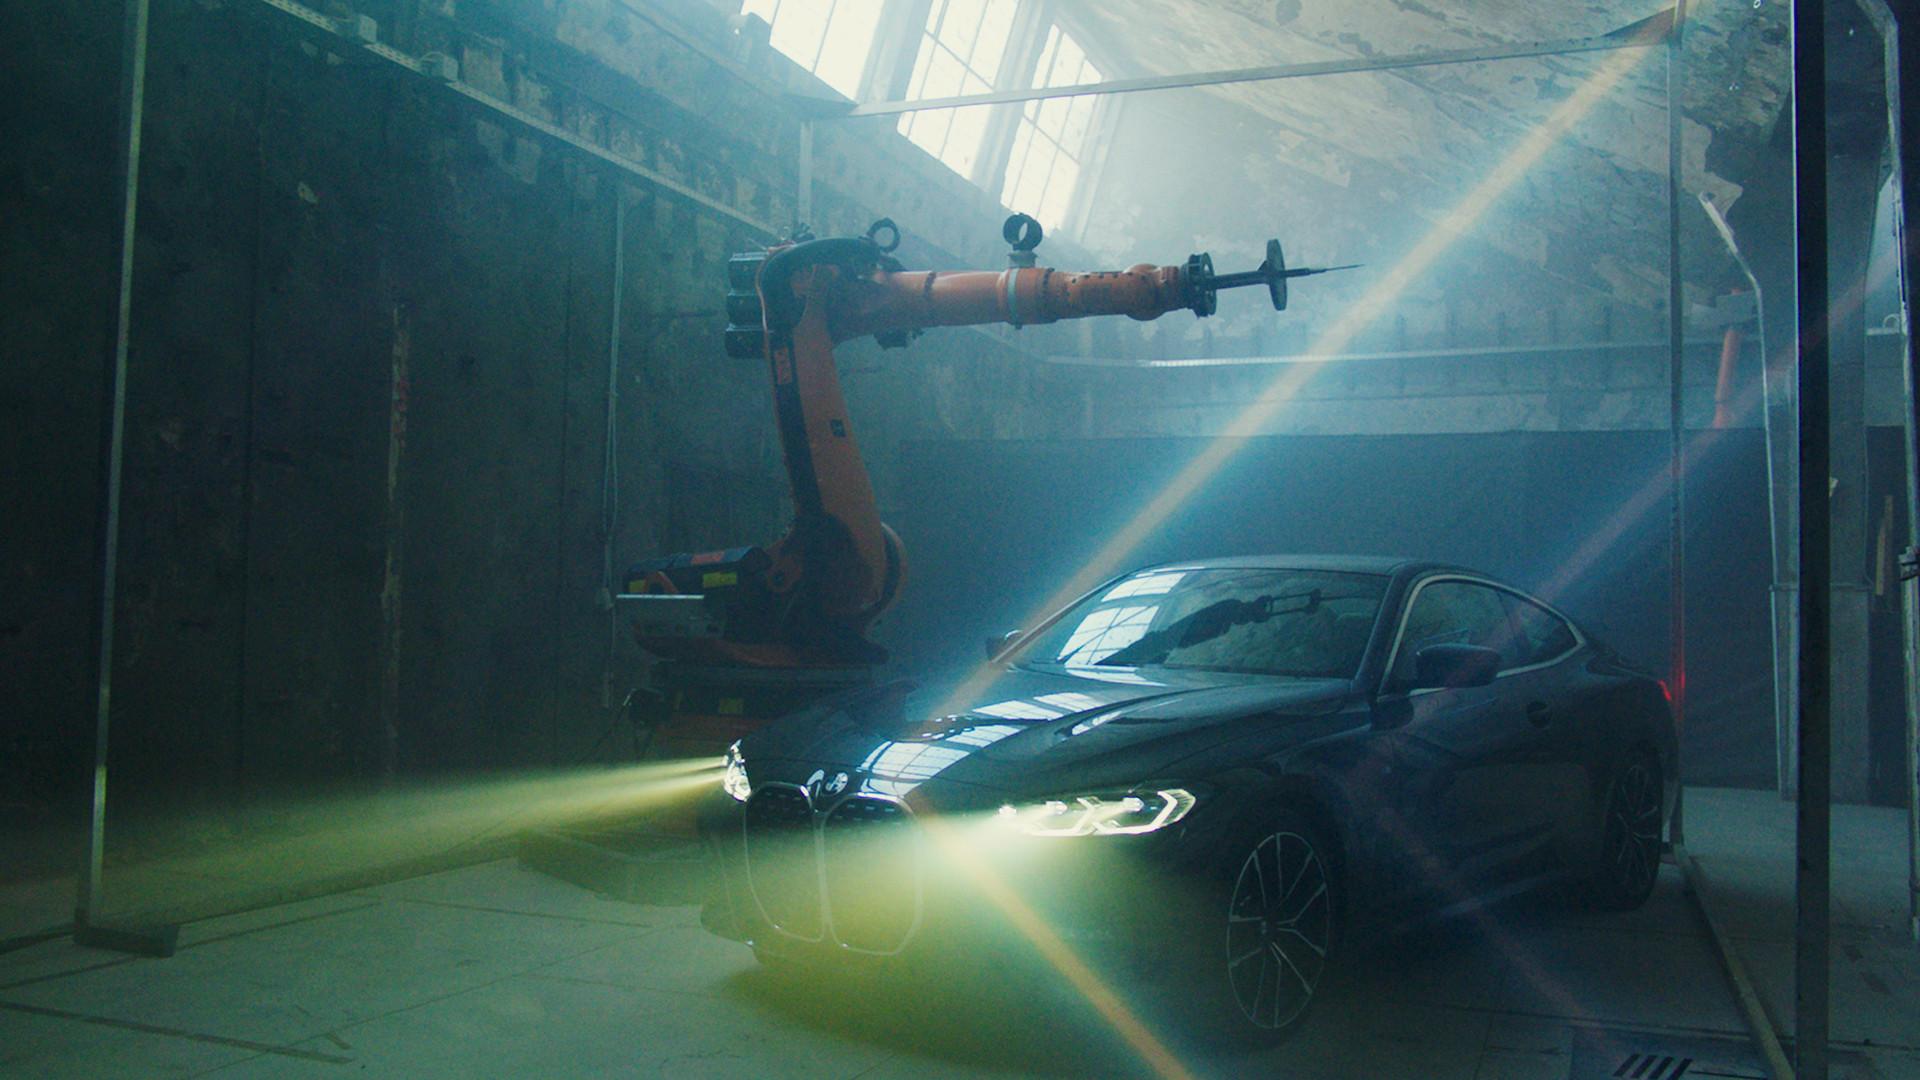 BMW x Kuka